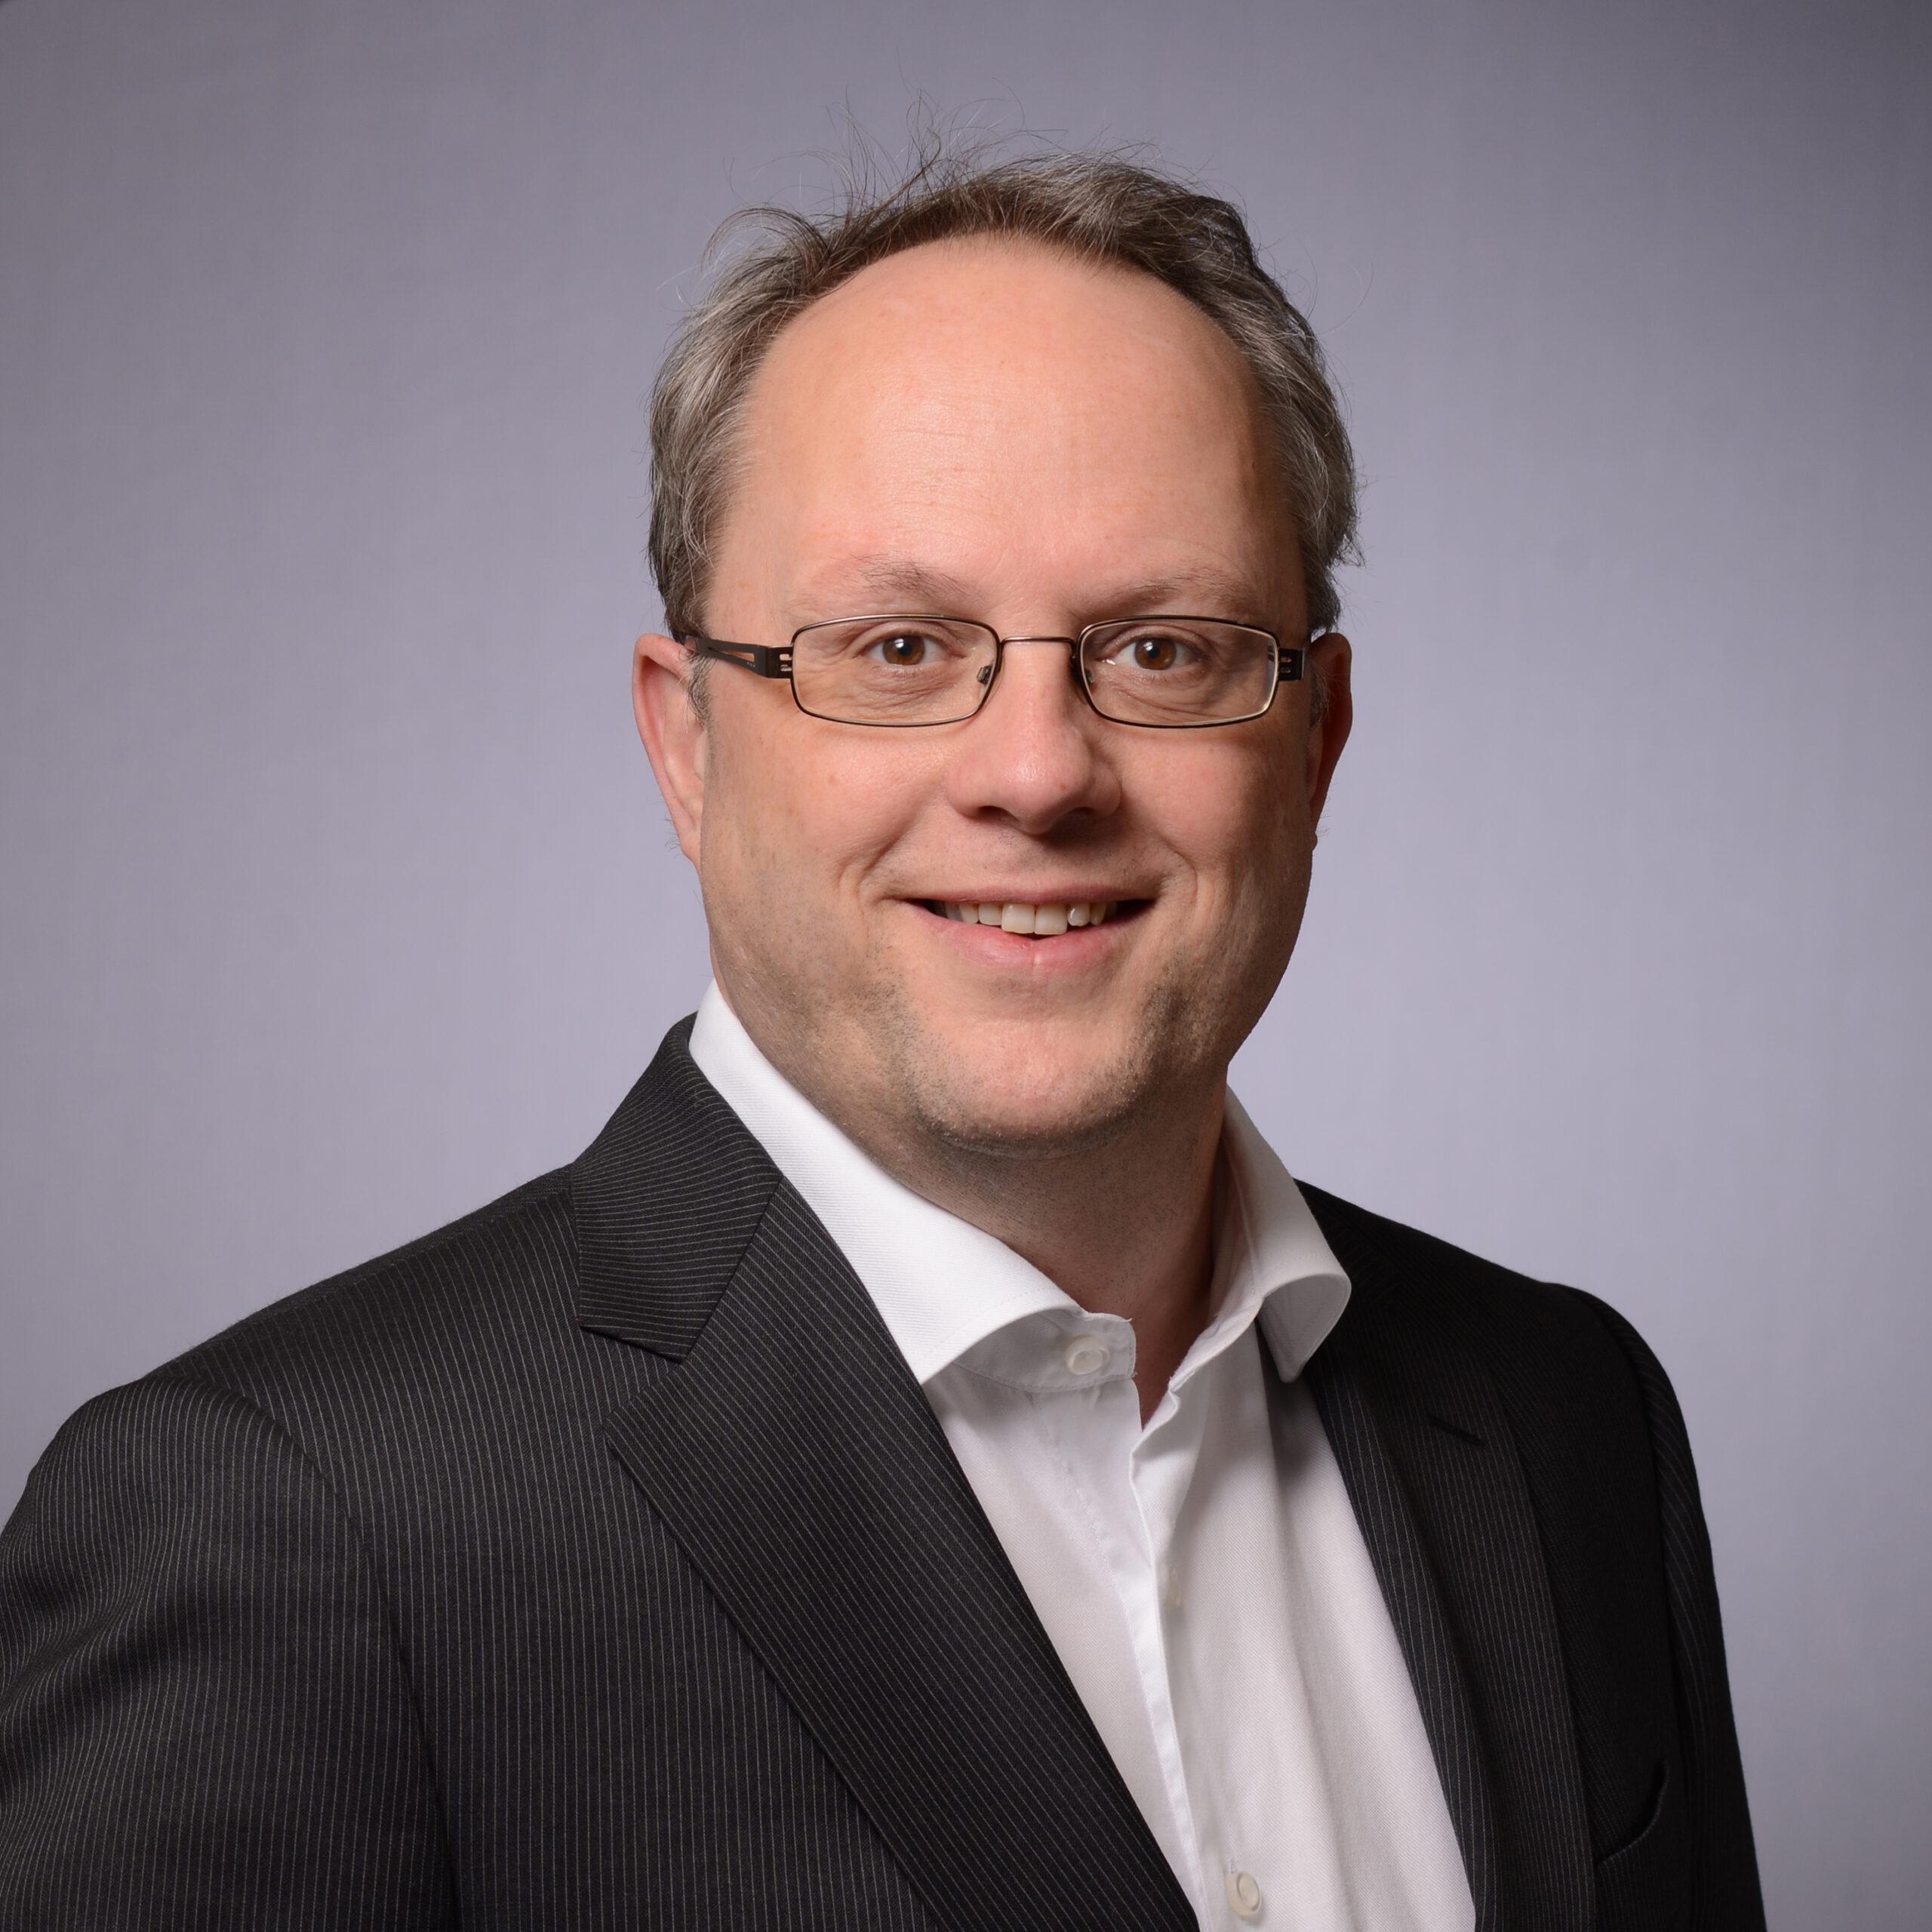 Gert Bos, PhD, FRAPS